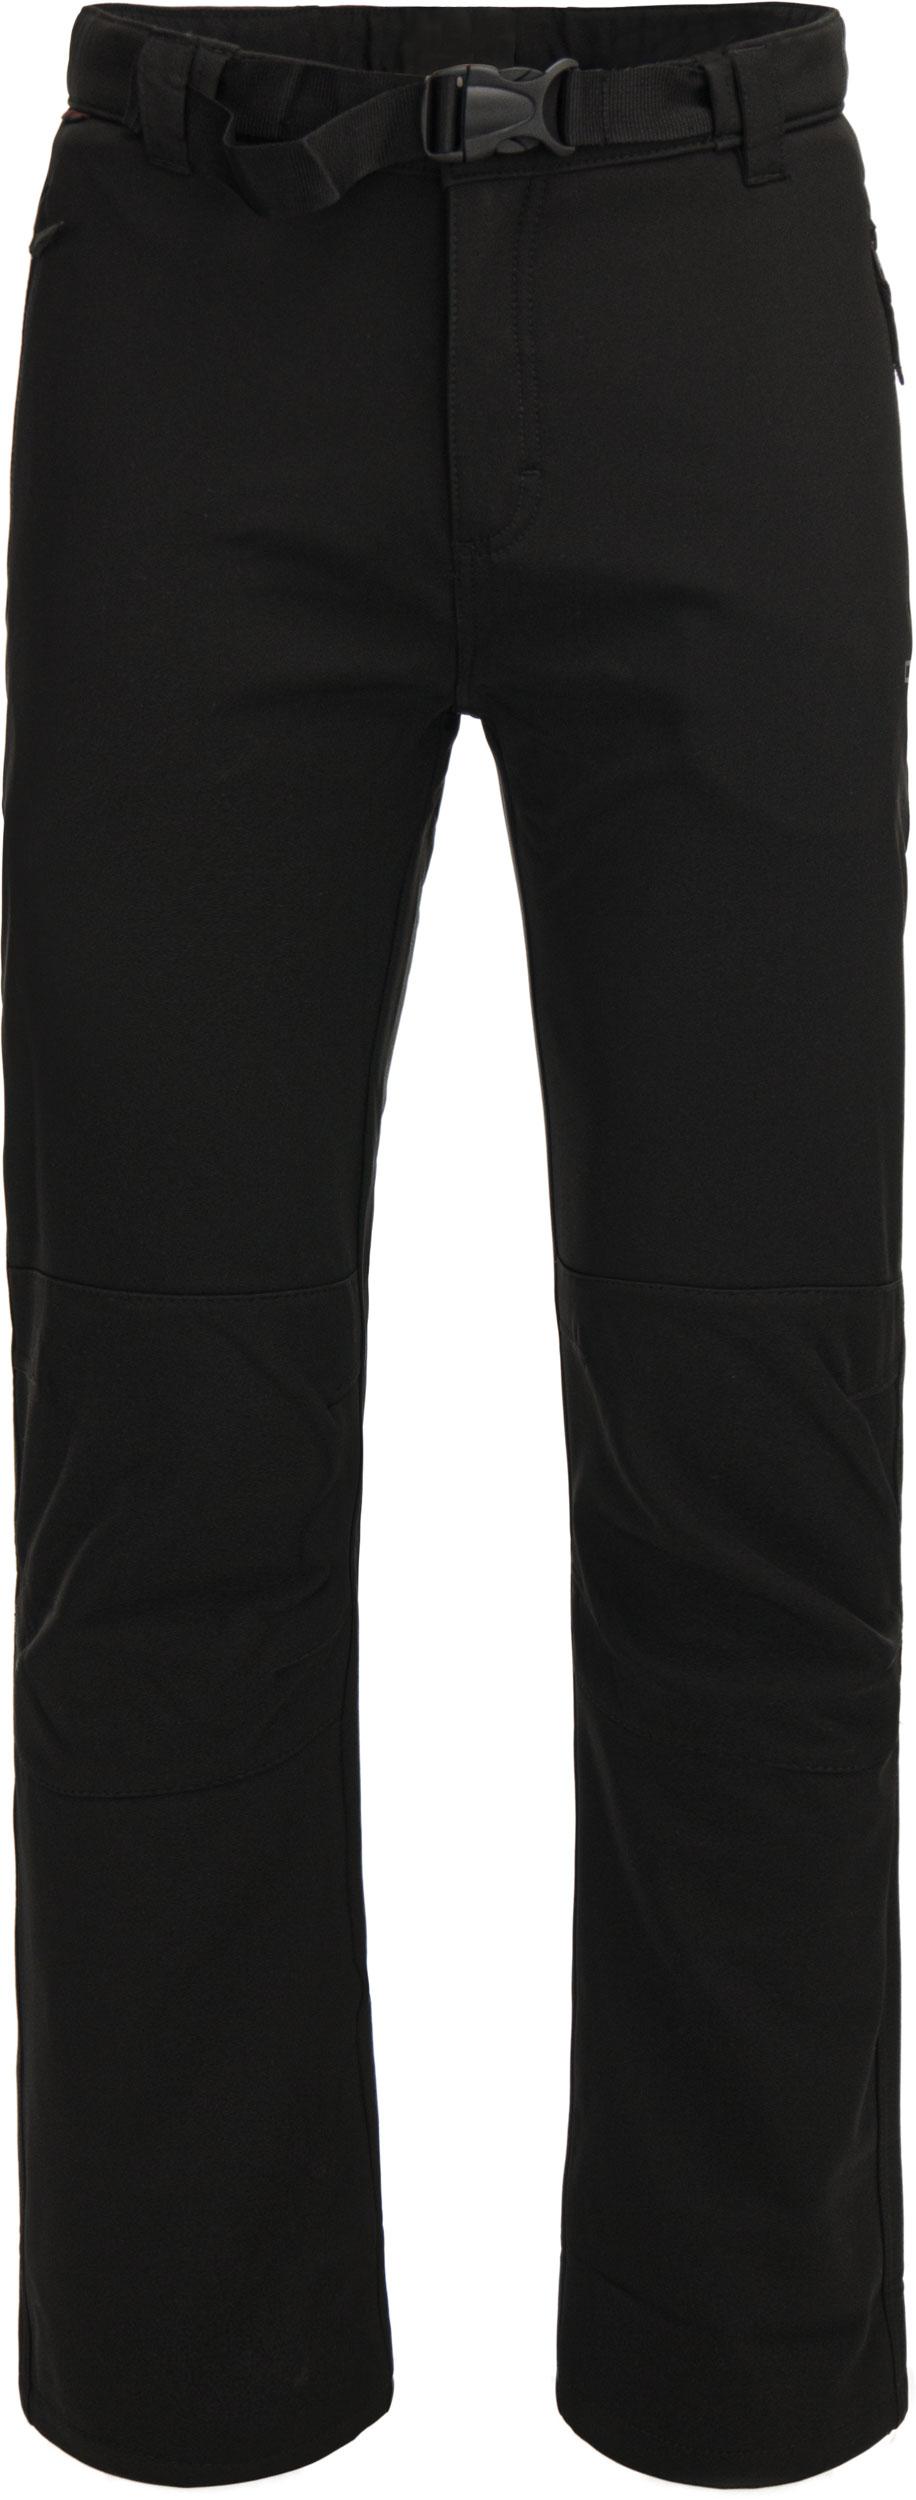 Pánské softshellové kalhoty ALPINE PRO GUNNR